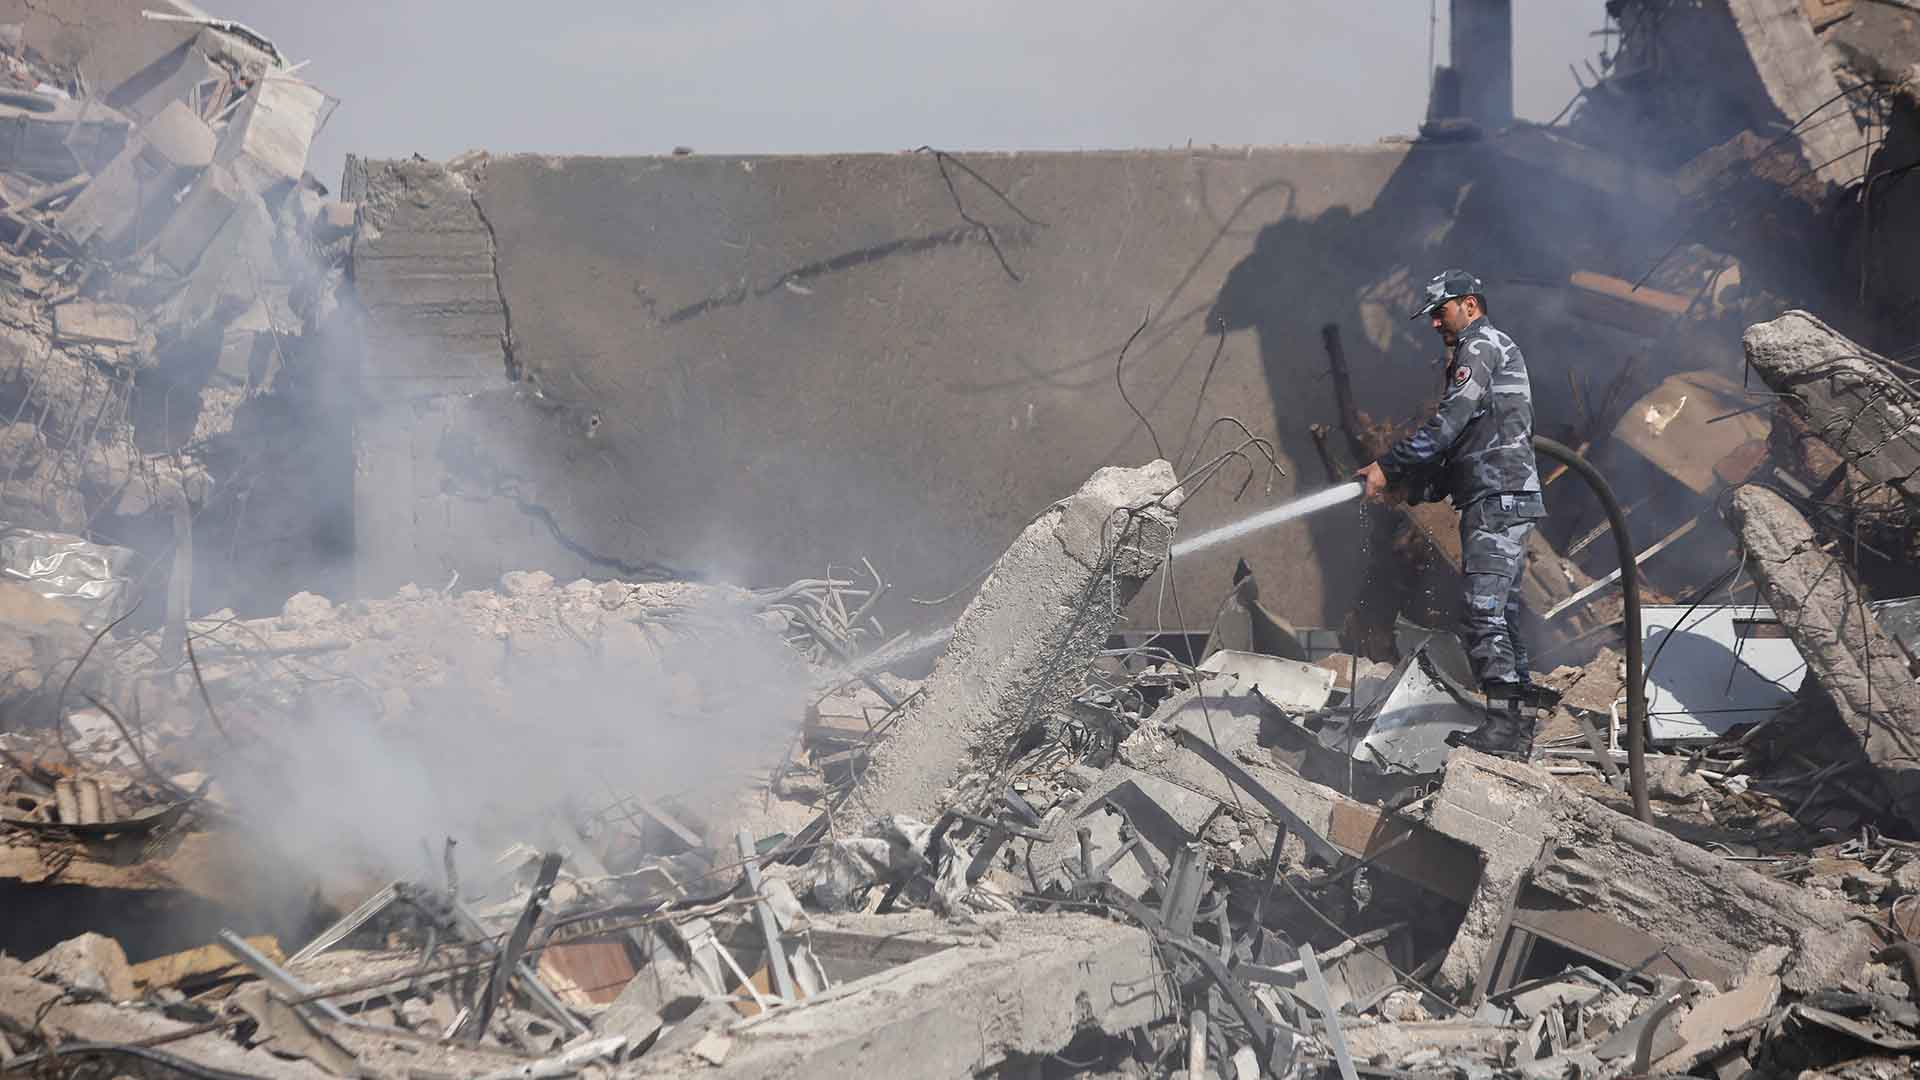 EEUU, Reino Unido bombardearon fábricas de armas químicas(REUTERS)